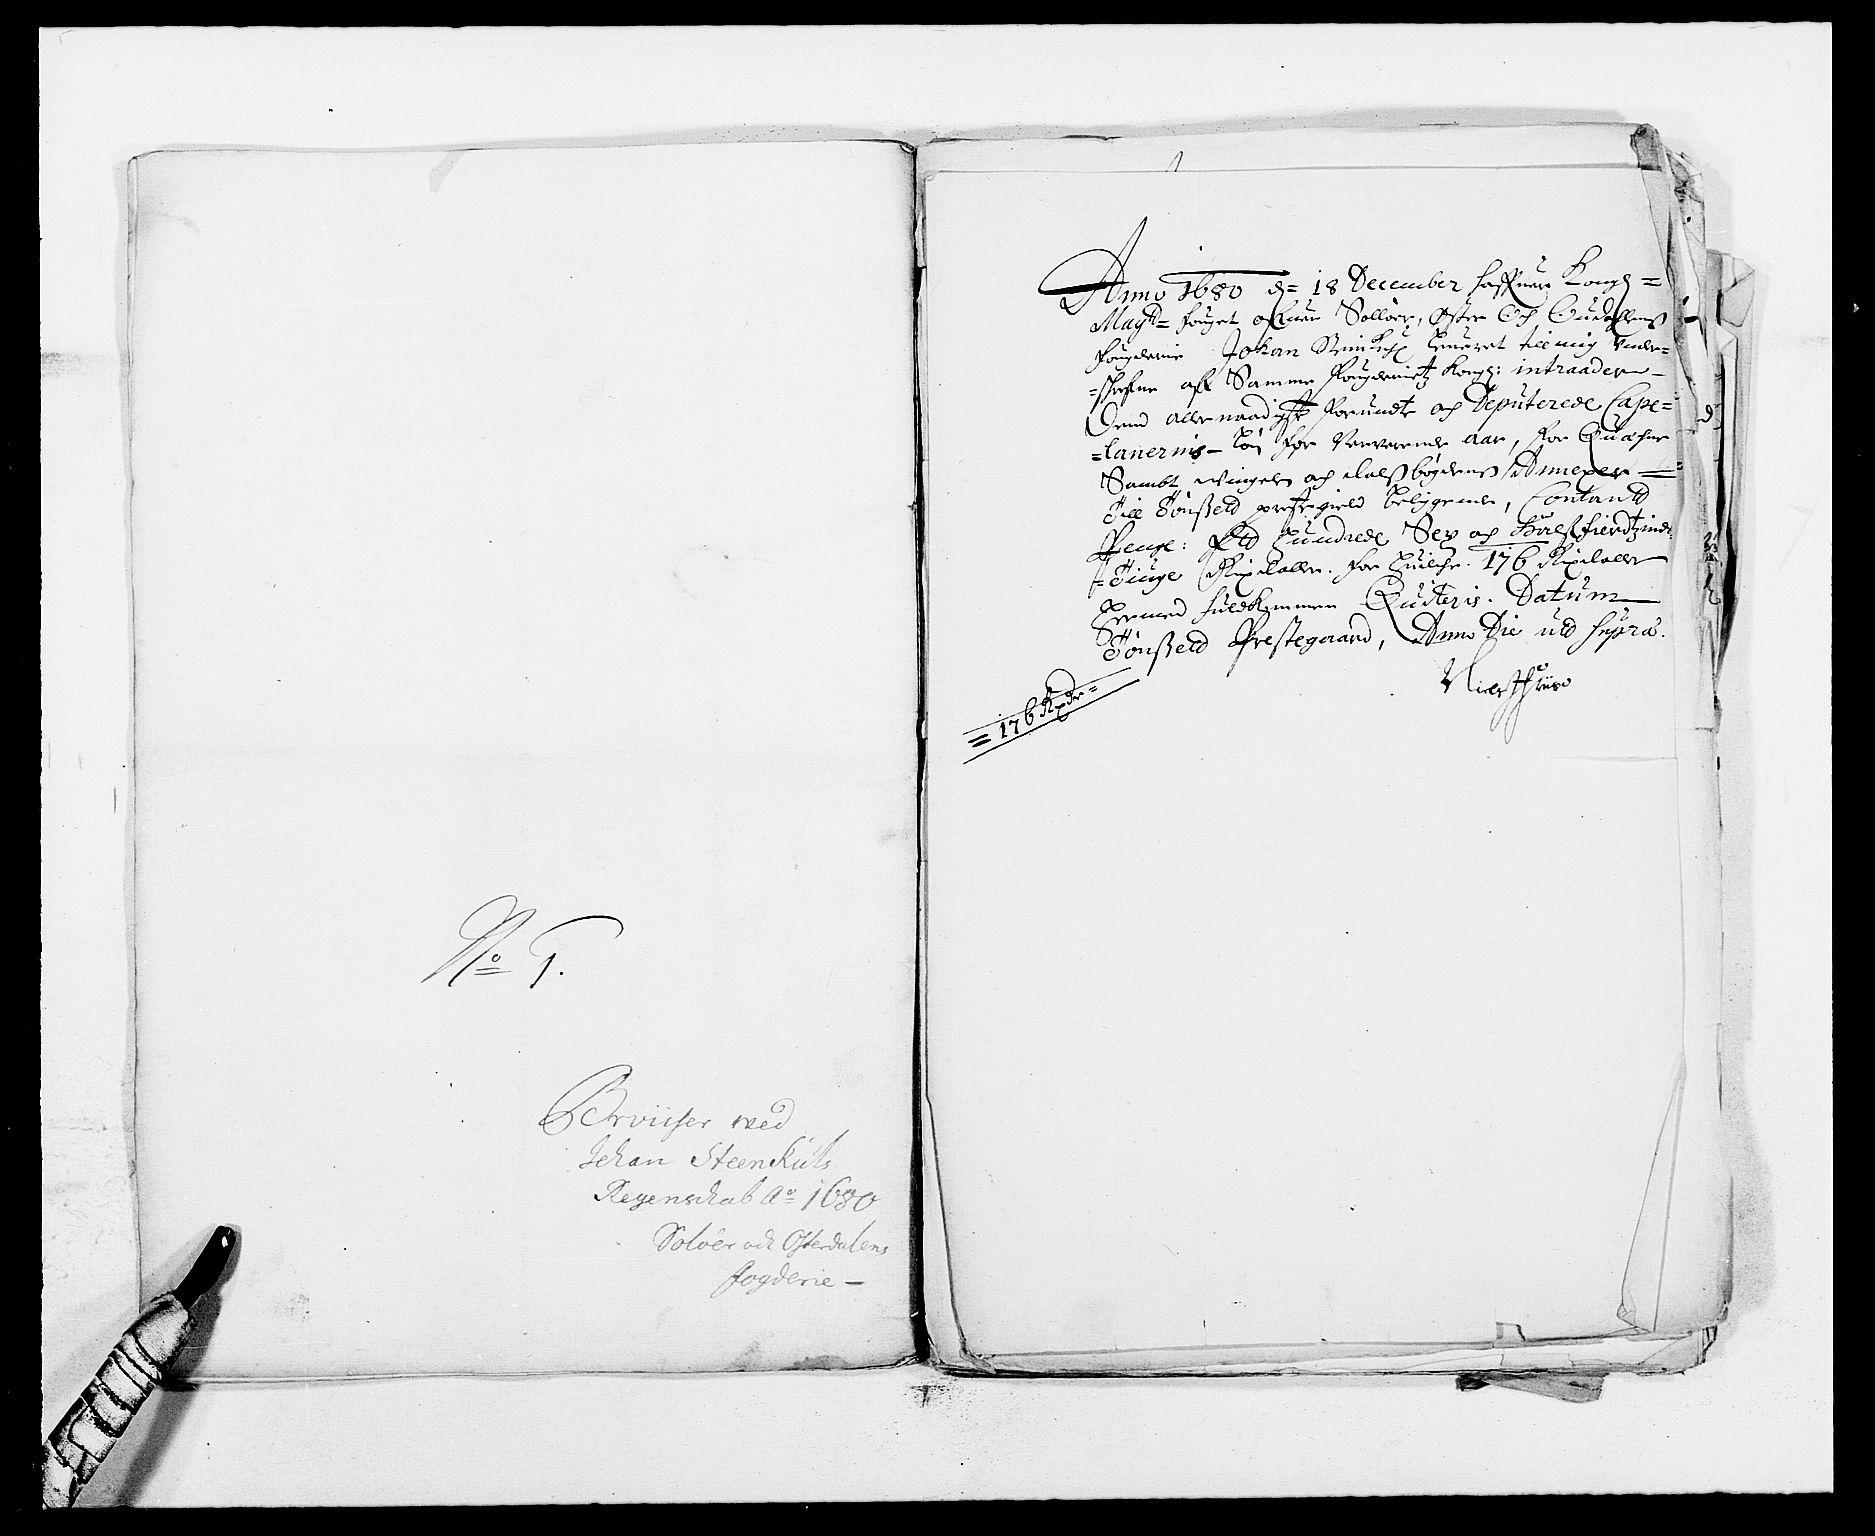 RA, Rentekammeret inntil 1814, Reviderte regnskaper, Fogderegnskap, R13/L0817: Fogderegnskap Solør, Odal og Østerdal, 1680, s. 324